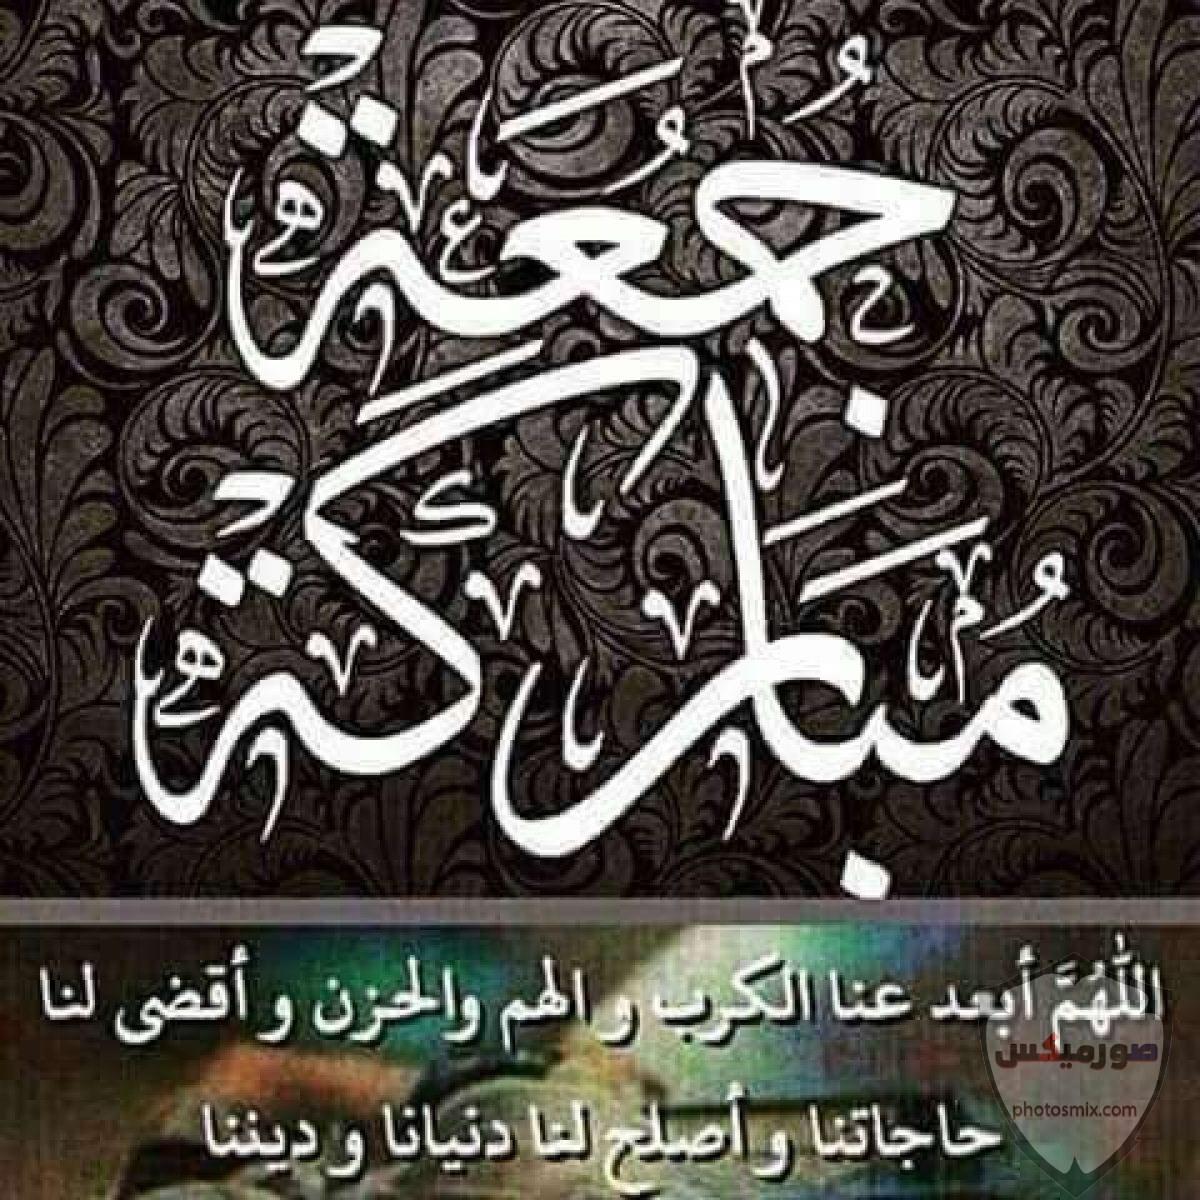 جمعة مباركة صور جمعة مباركه 2020 ادعية يوم الجمعه مصورة مكتوب عليها جمعة مباركة 10